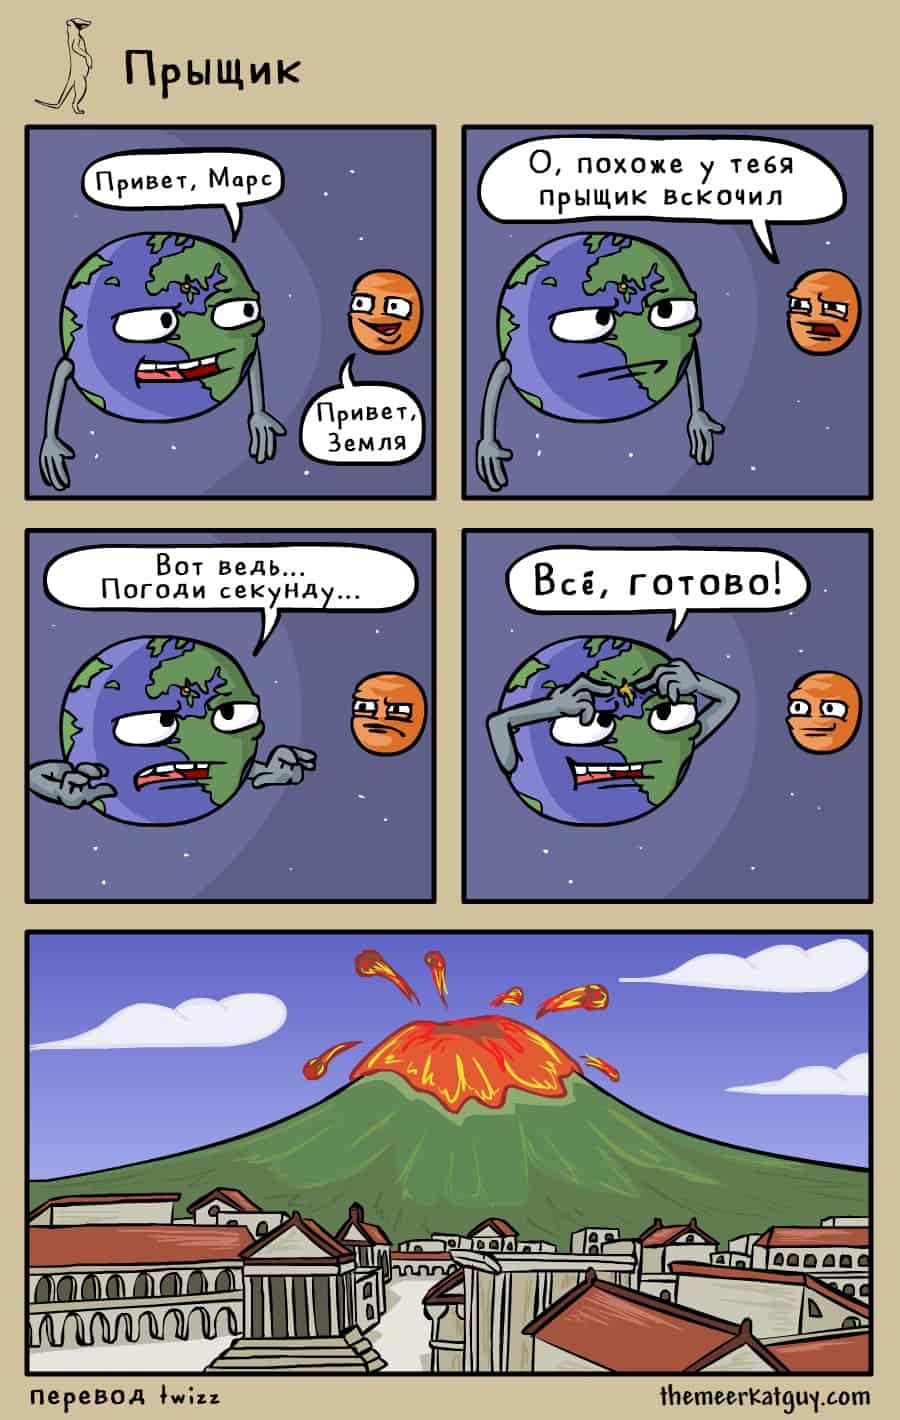 Смешные комиксы с неожиданной концовкой